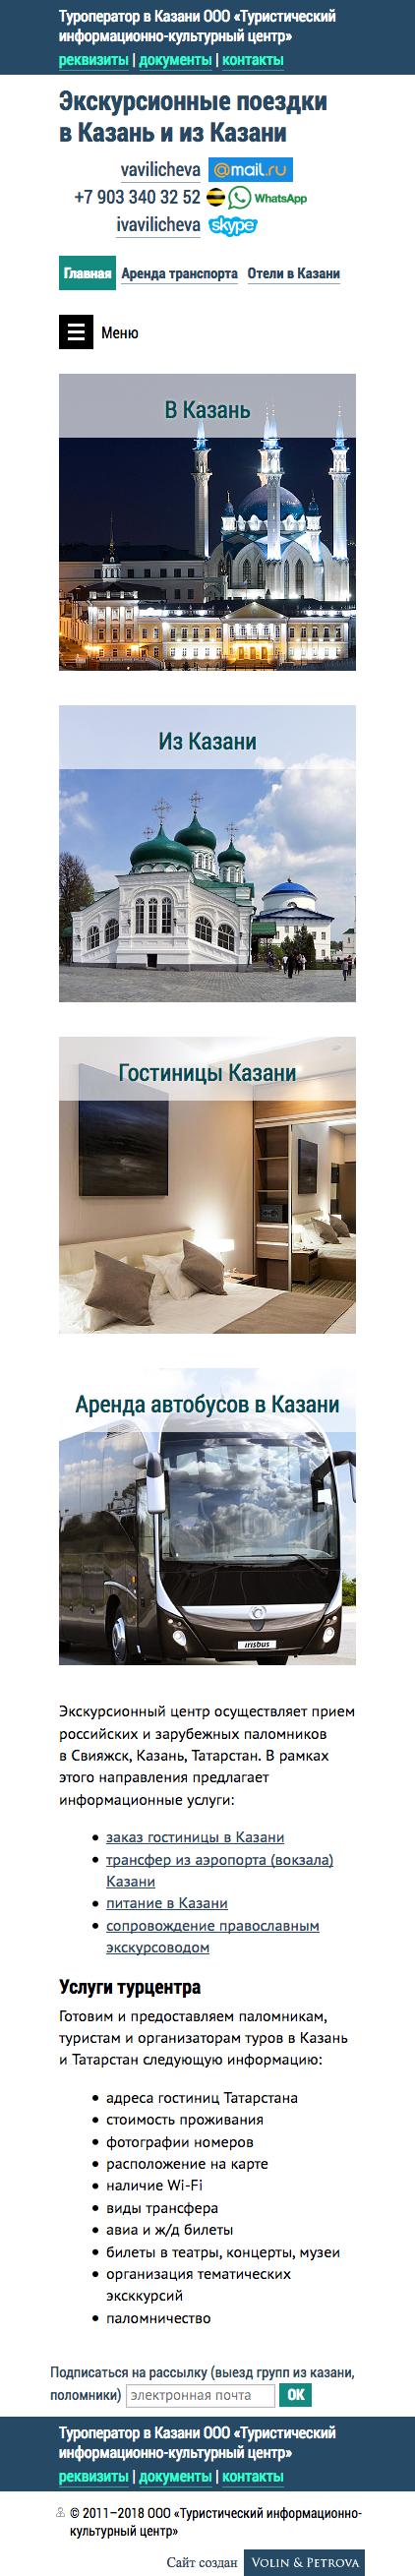 Закажите создание сайта. Цена от 8000 руб.